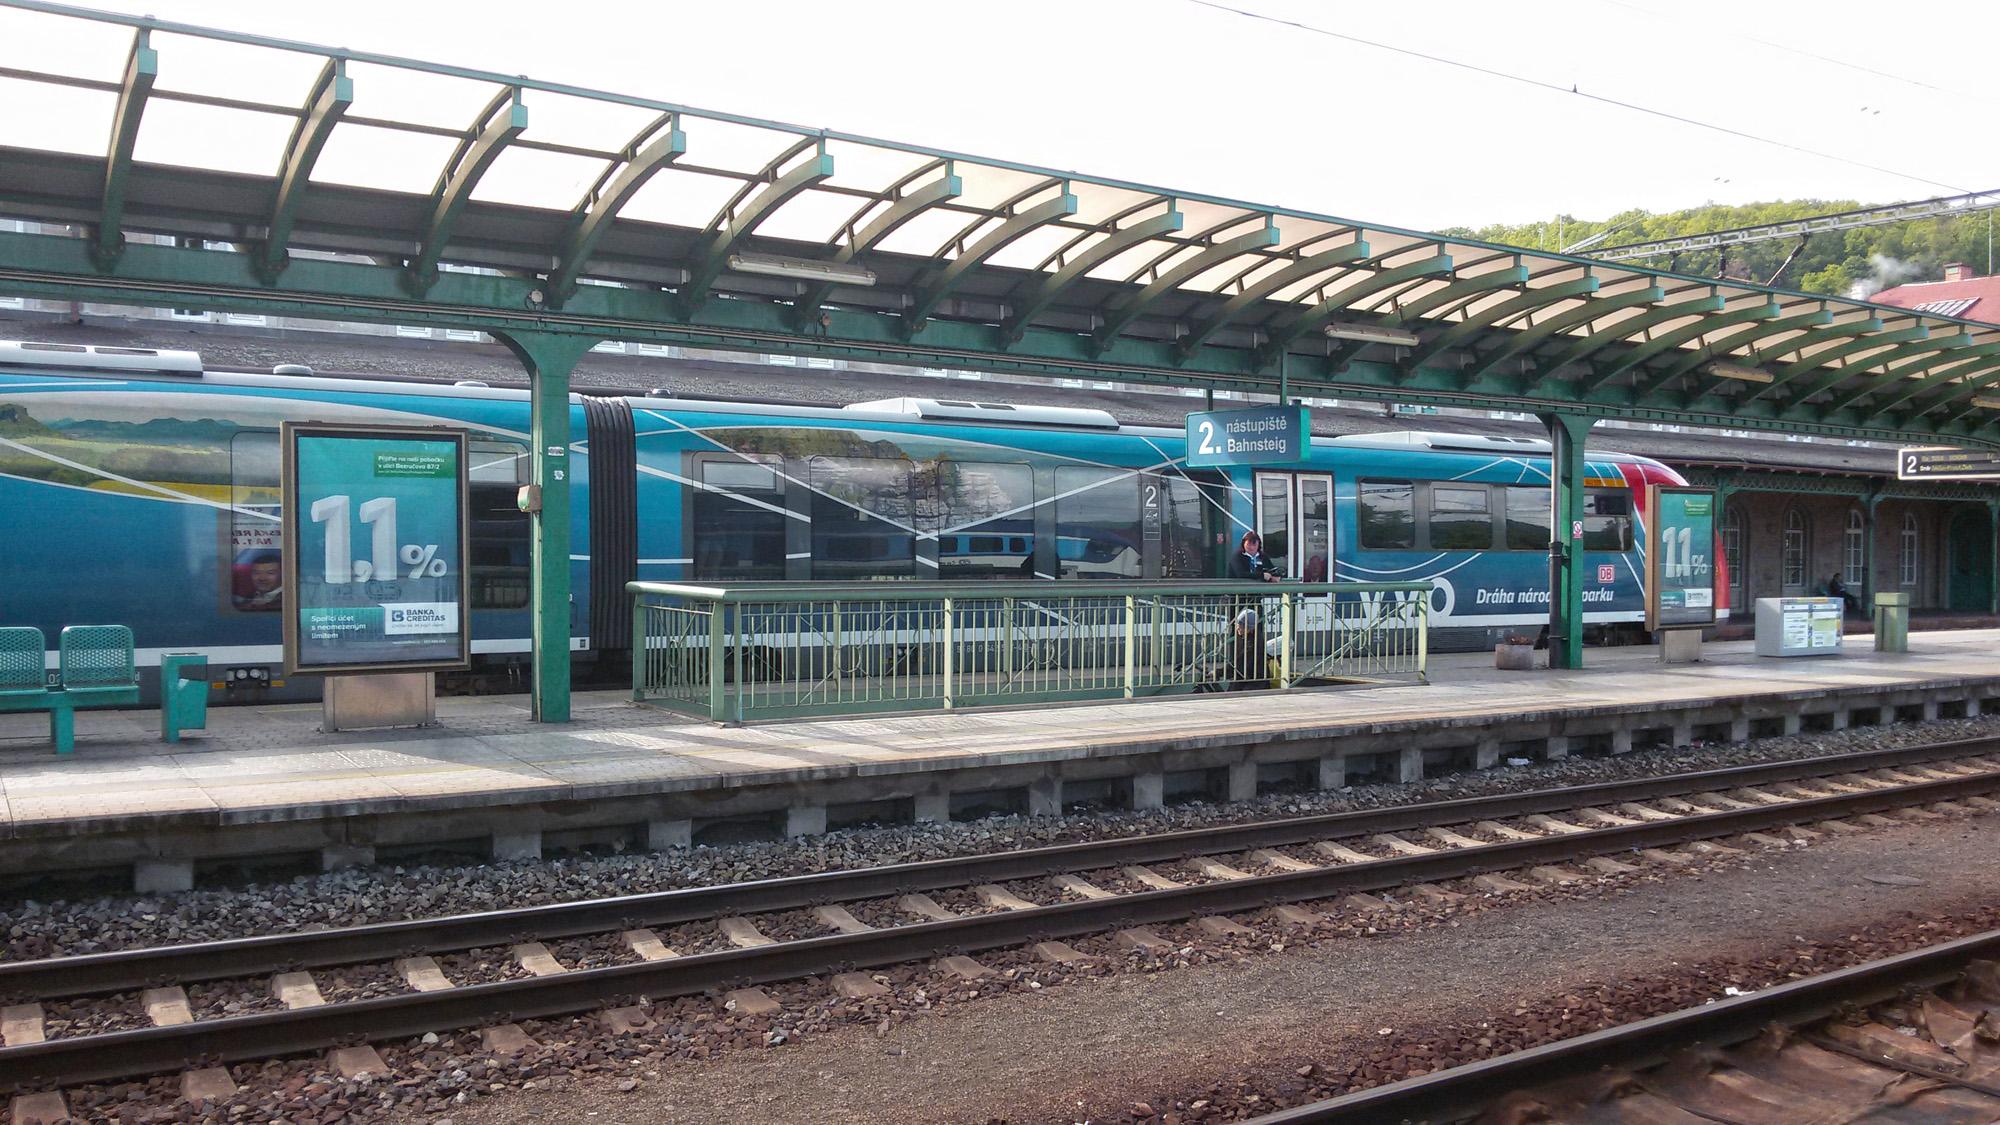 Moderní vlaky severních Čech